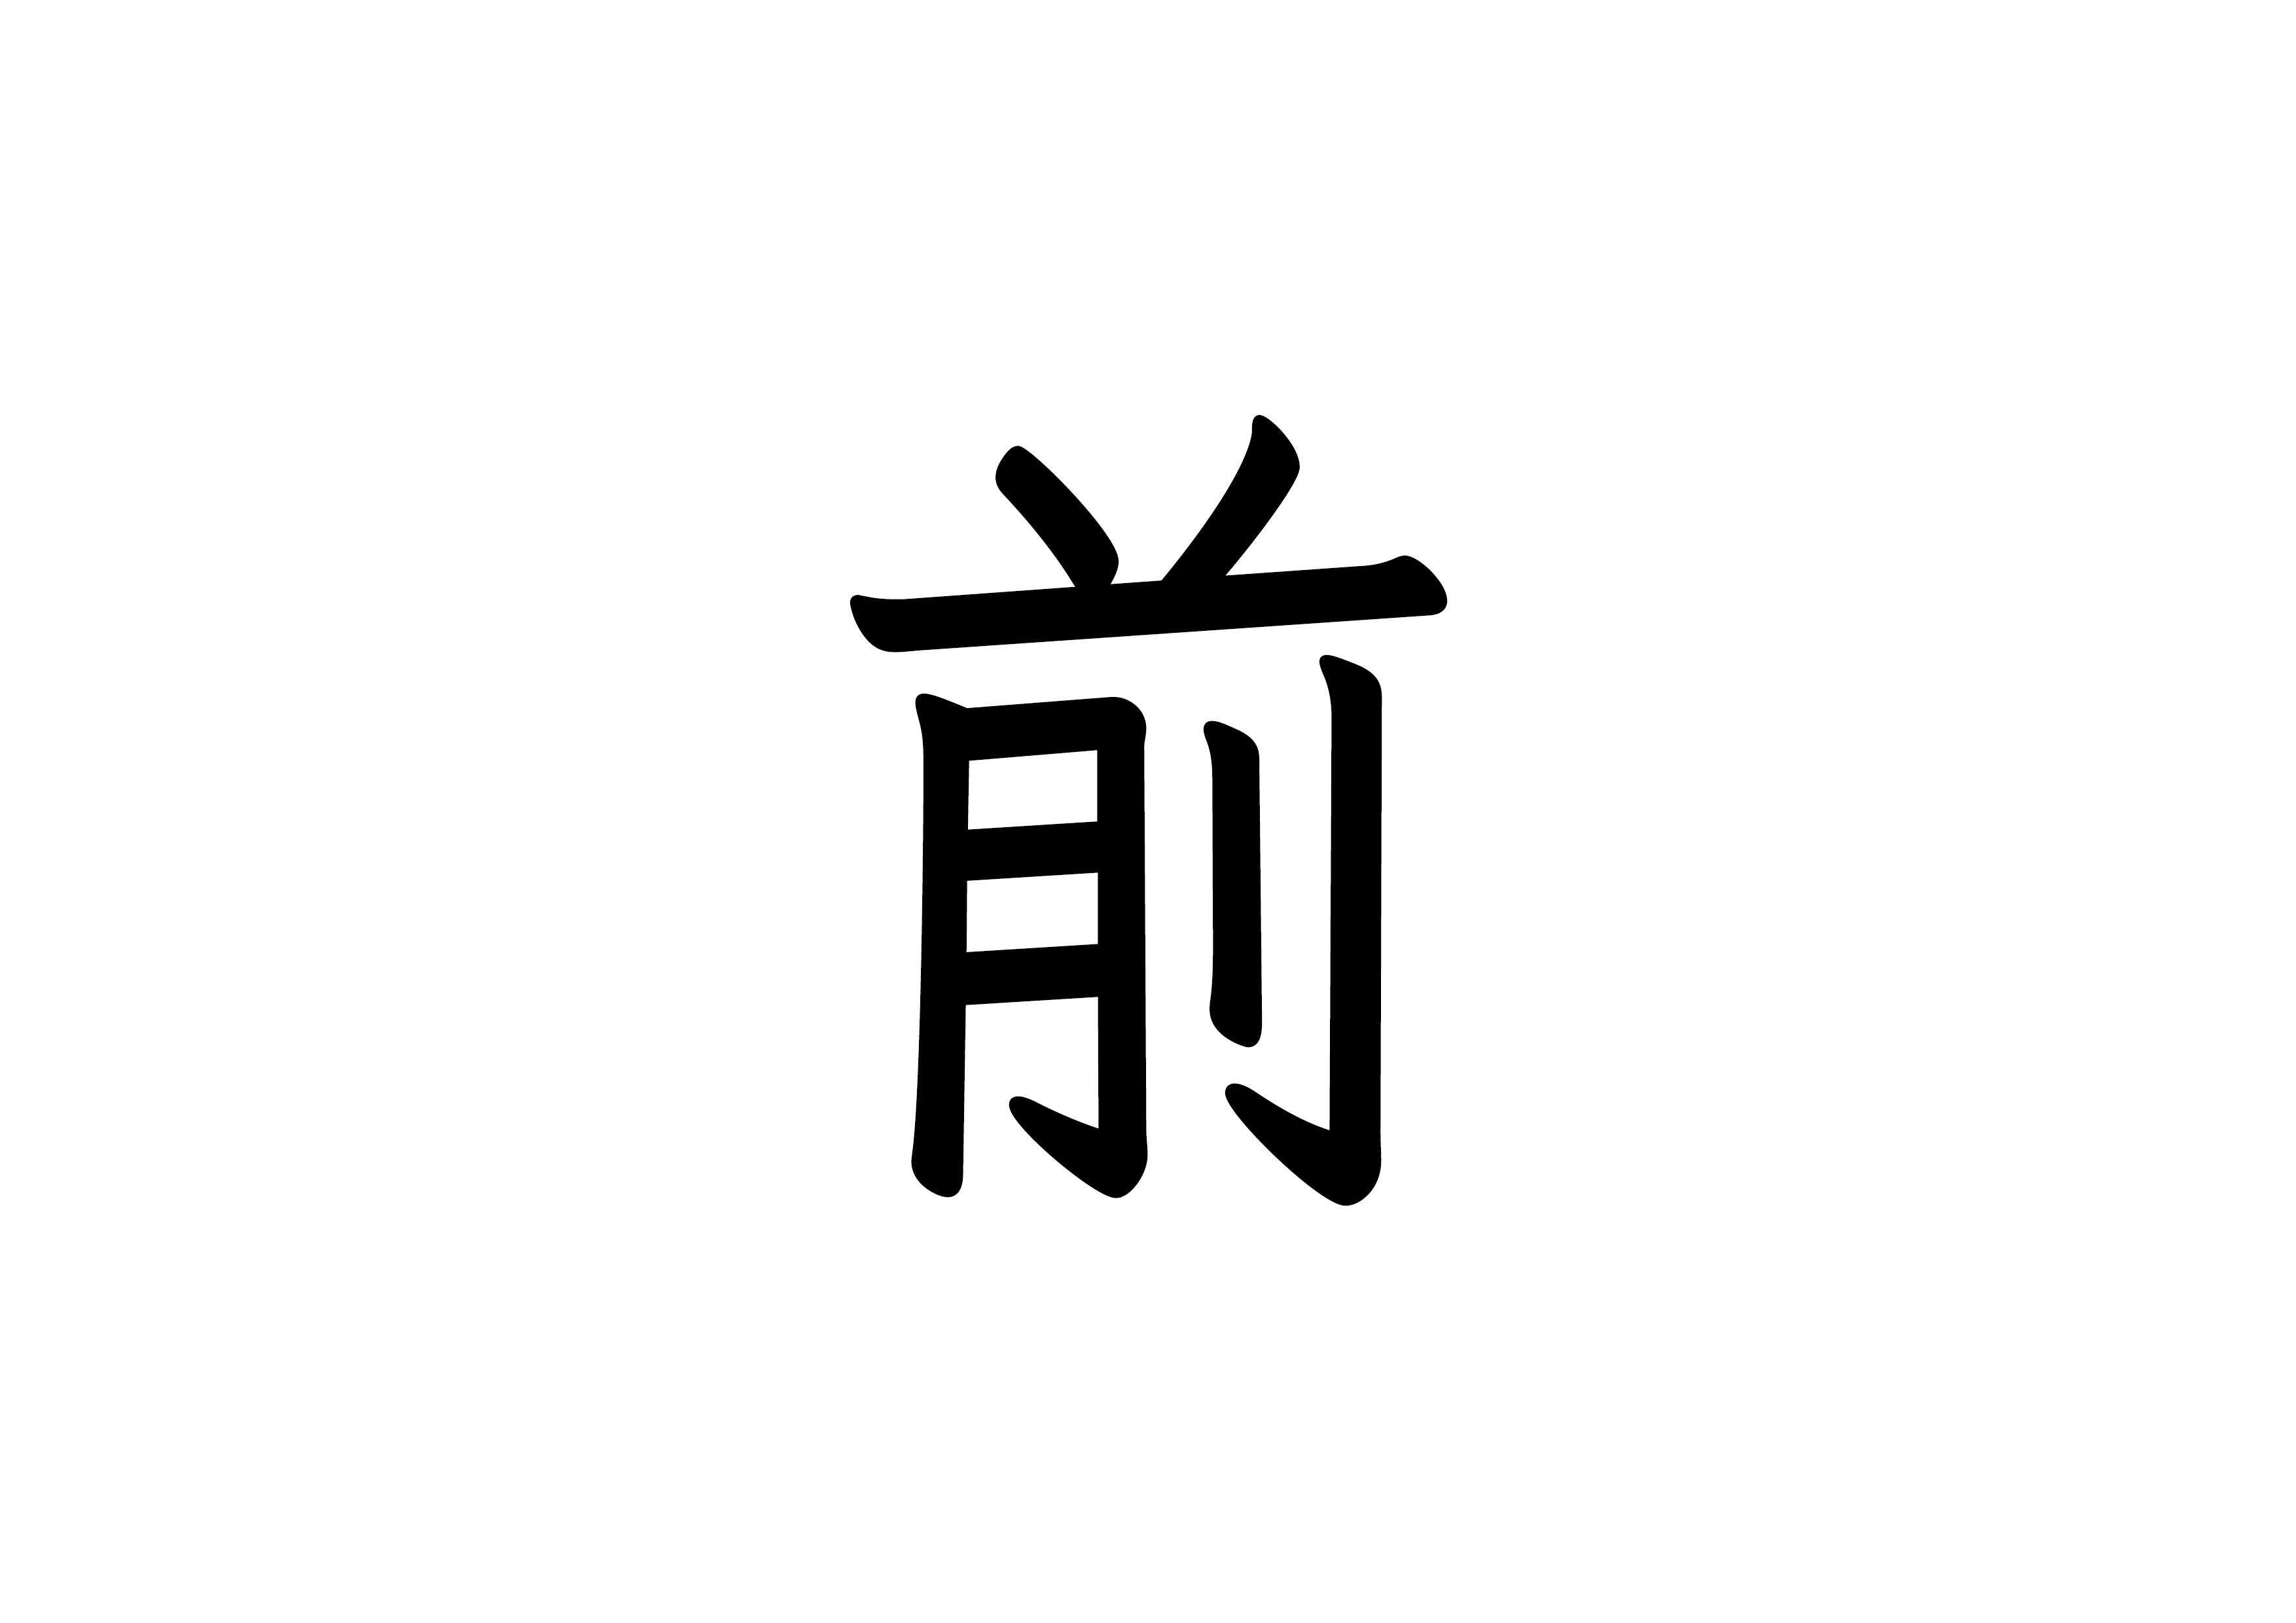 32課文字カード【前】